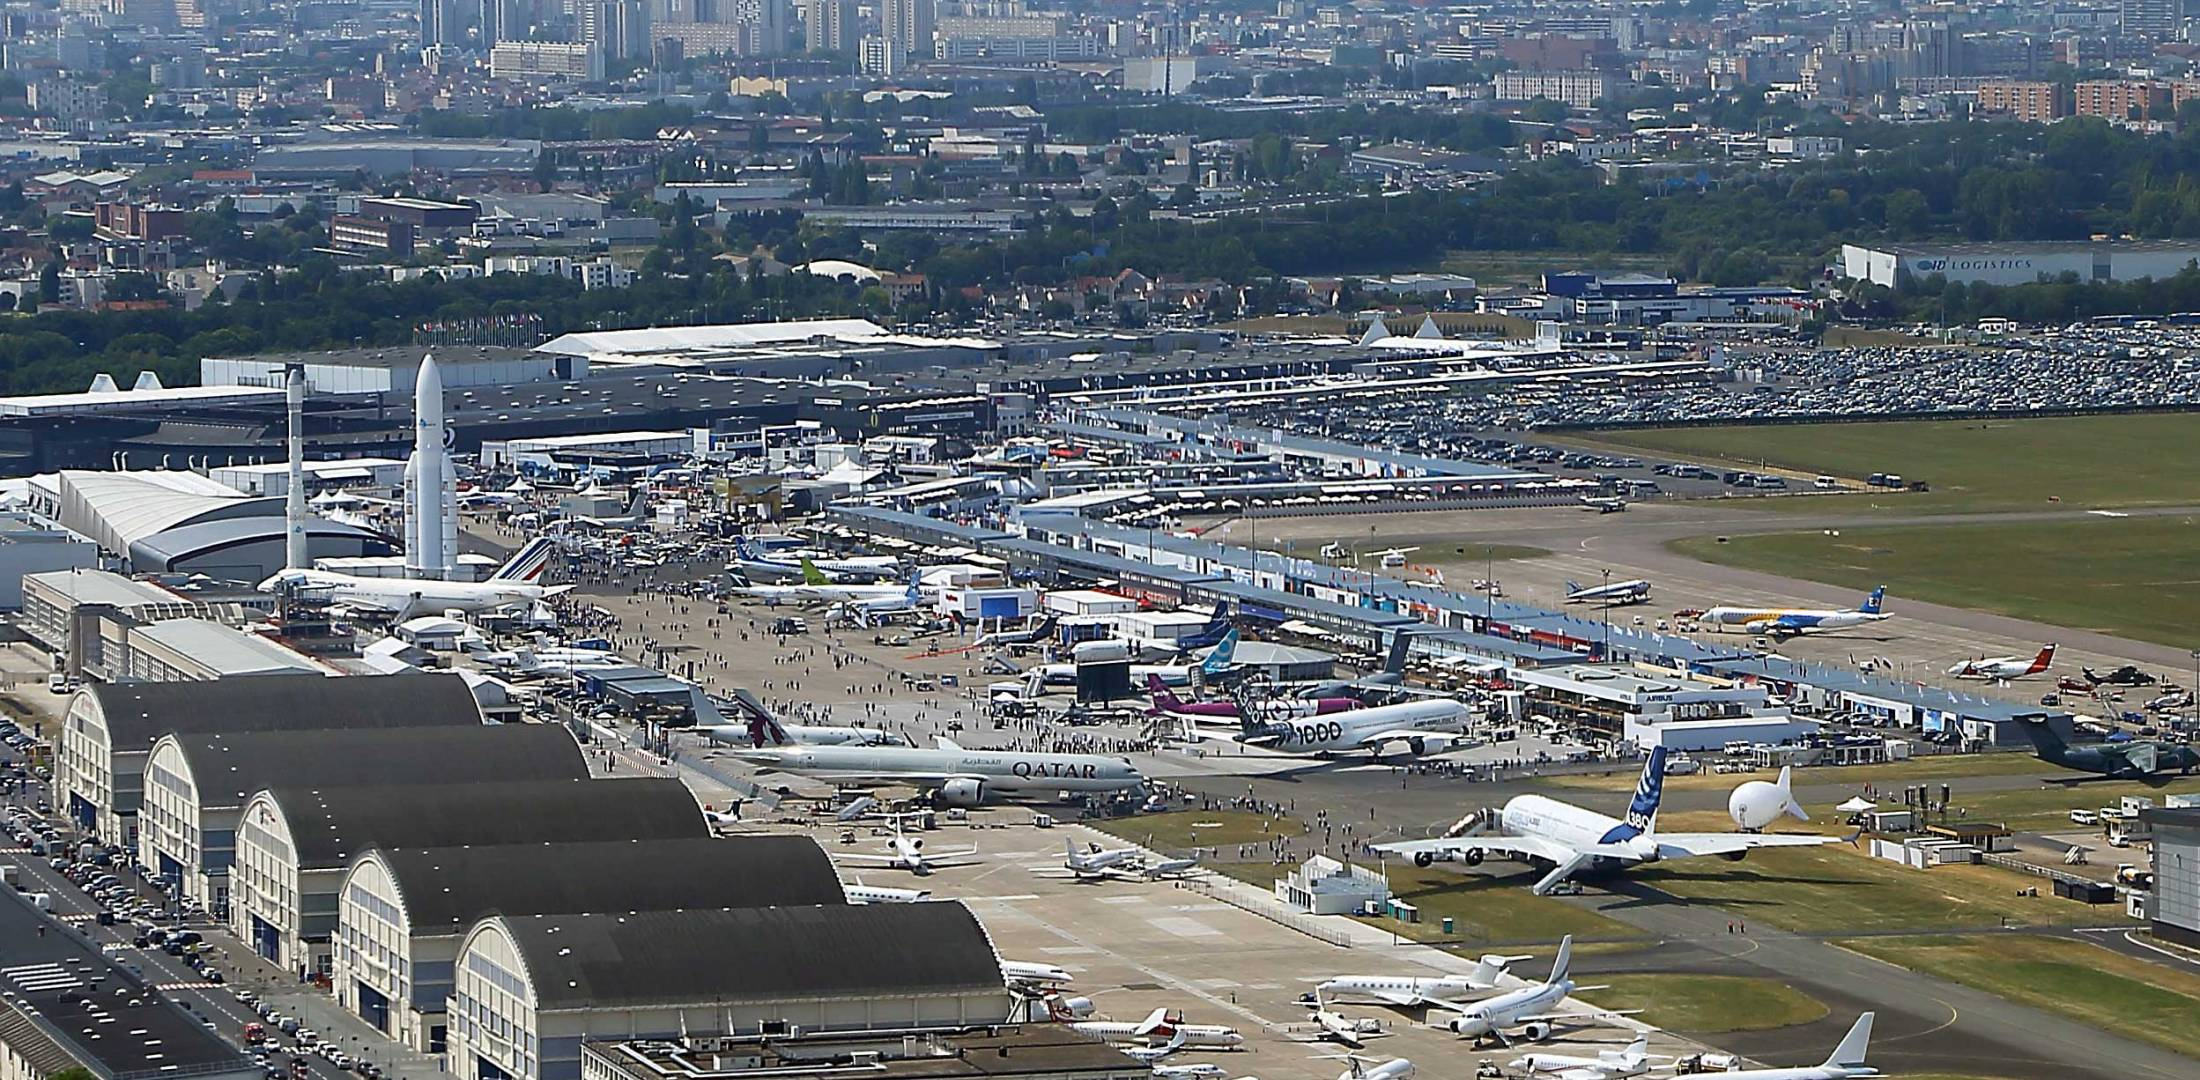 Rusos se encontraban en los alrededores del aeropuerto de Bourget. | Foto: Twitter / <code>parisairshow&quot; title=&quot;Rusos se encontraban en los alrededores del aeropuerto de Bourget. | Foto: Twitter / </code>parisairshow